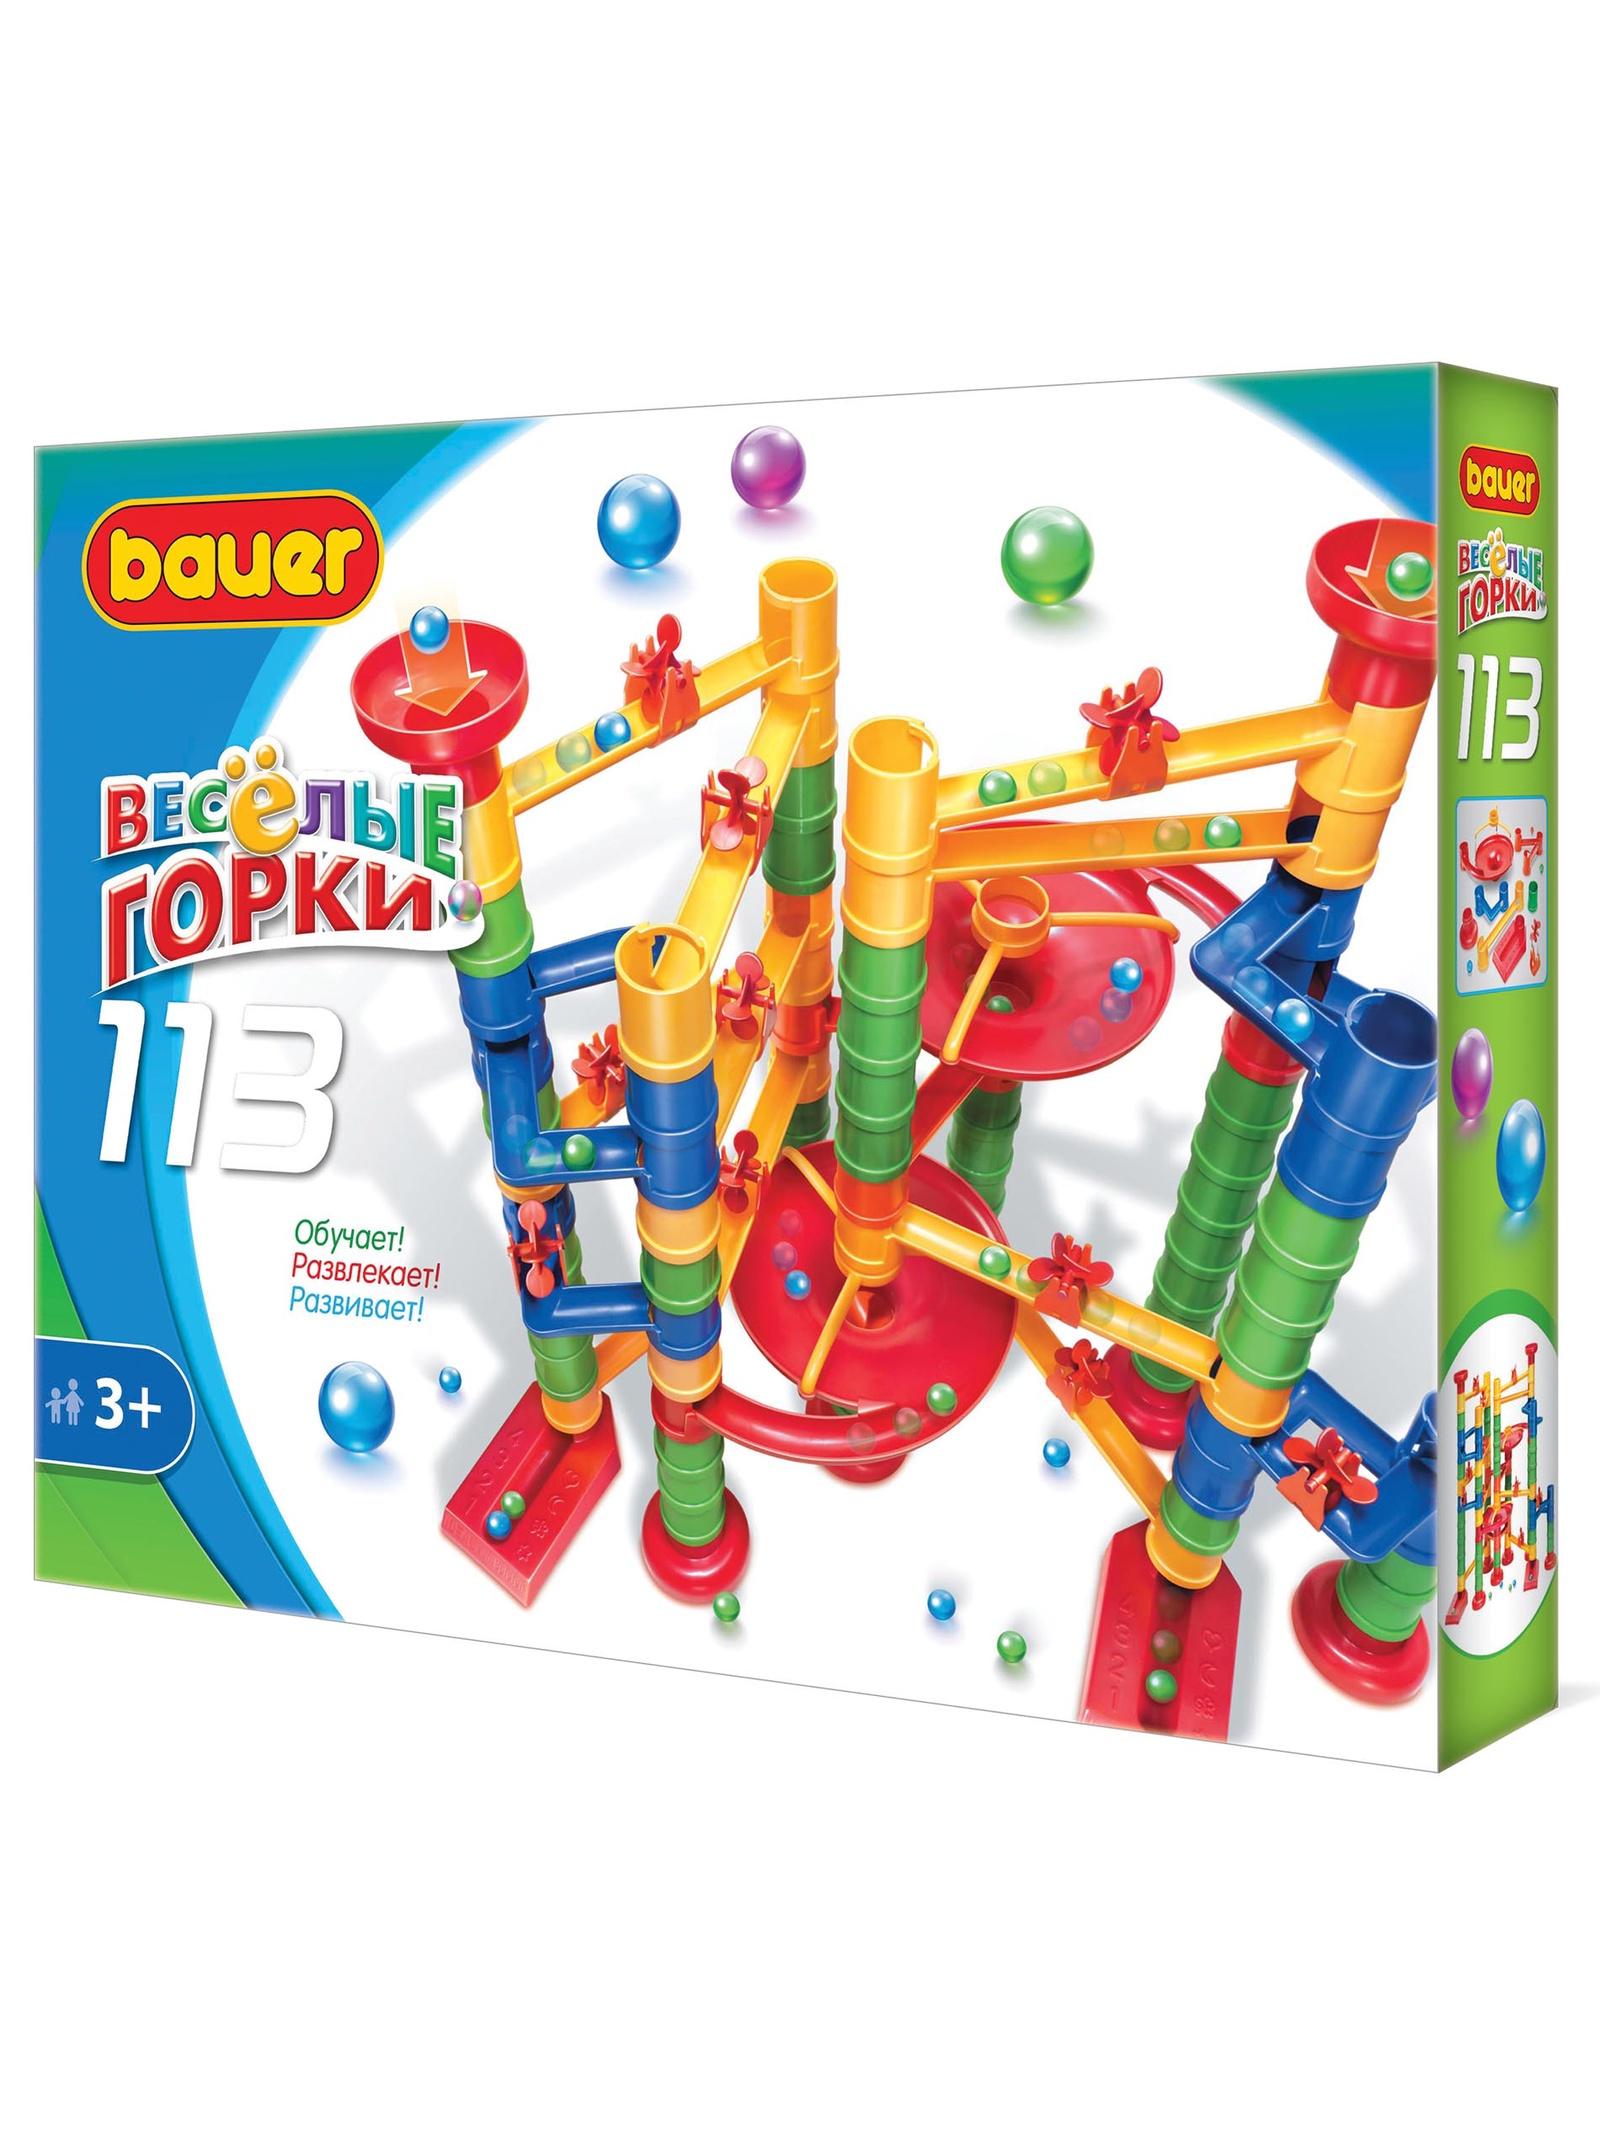 Пластиковый конструктор BAUER Конструктор Веселые горки 113 bauer bauer конструктор веселые горки 145 элементов